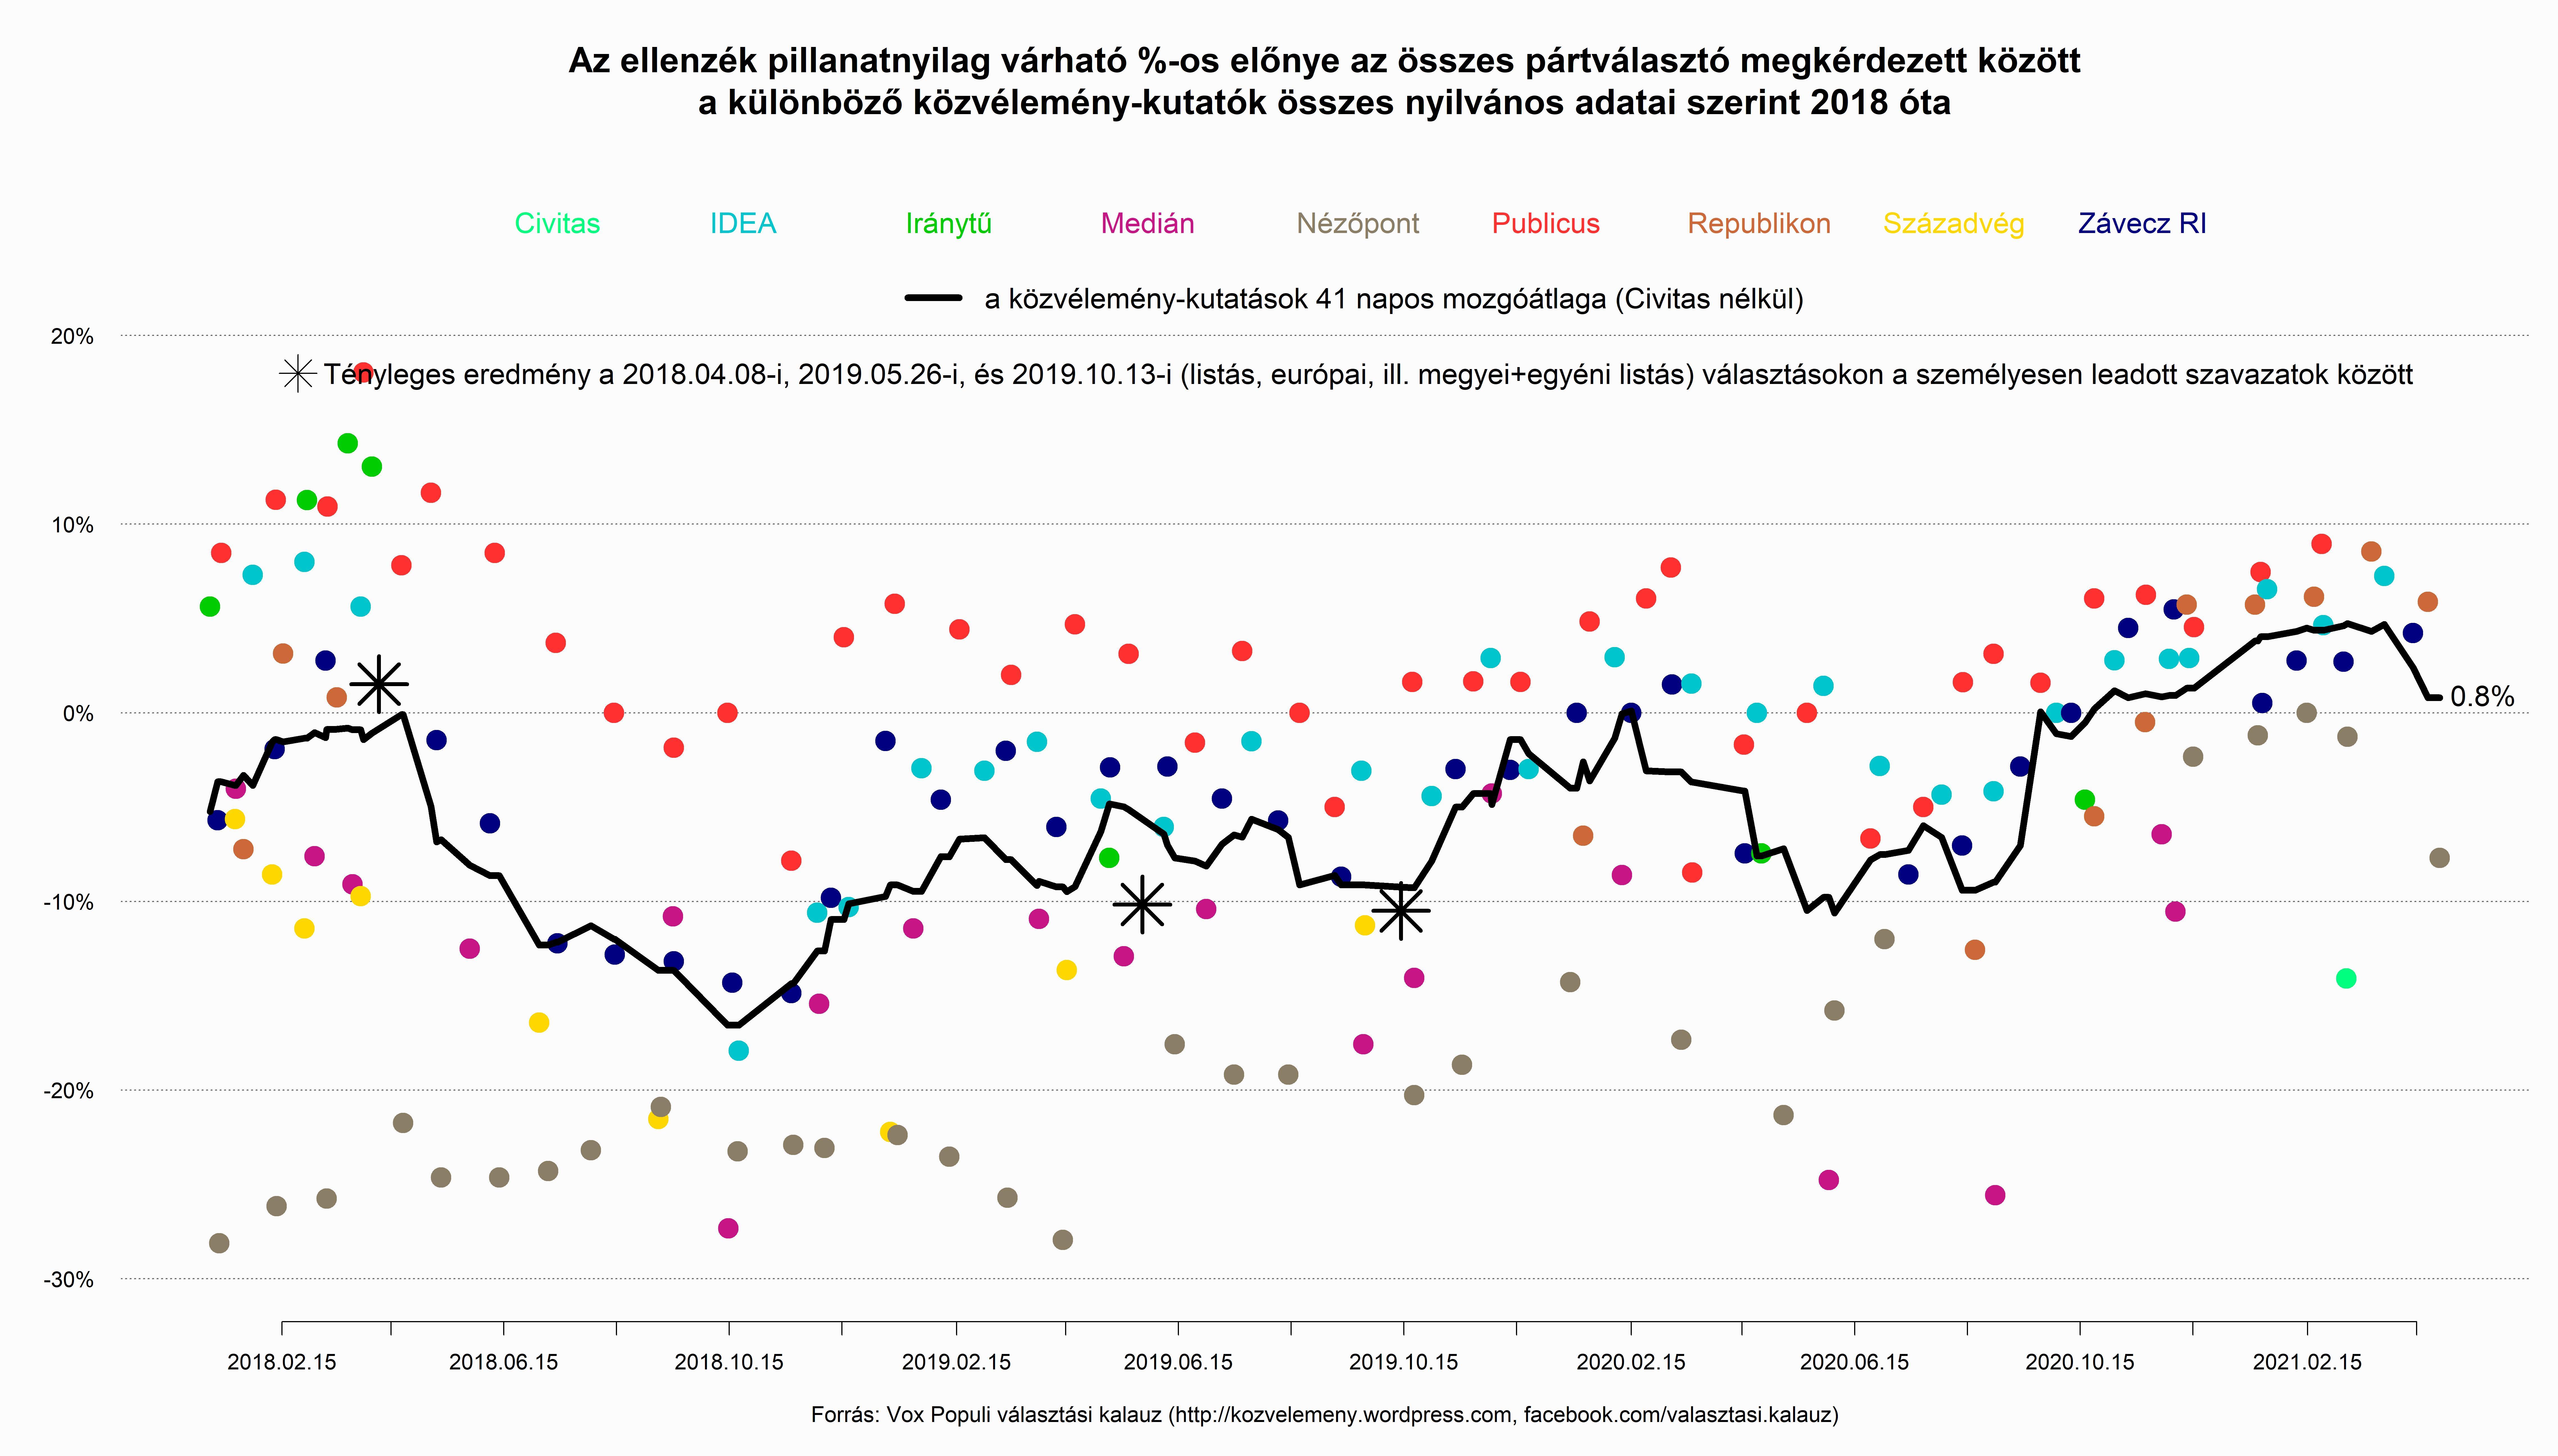 Ismét győzelemre áll a Fidesz a közvélemény-kutatások átlagában: a nézőpontok találkozása az adatokkal